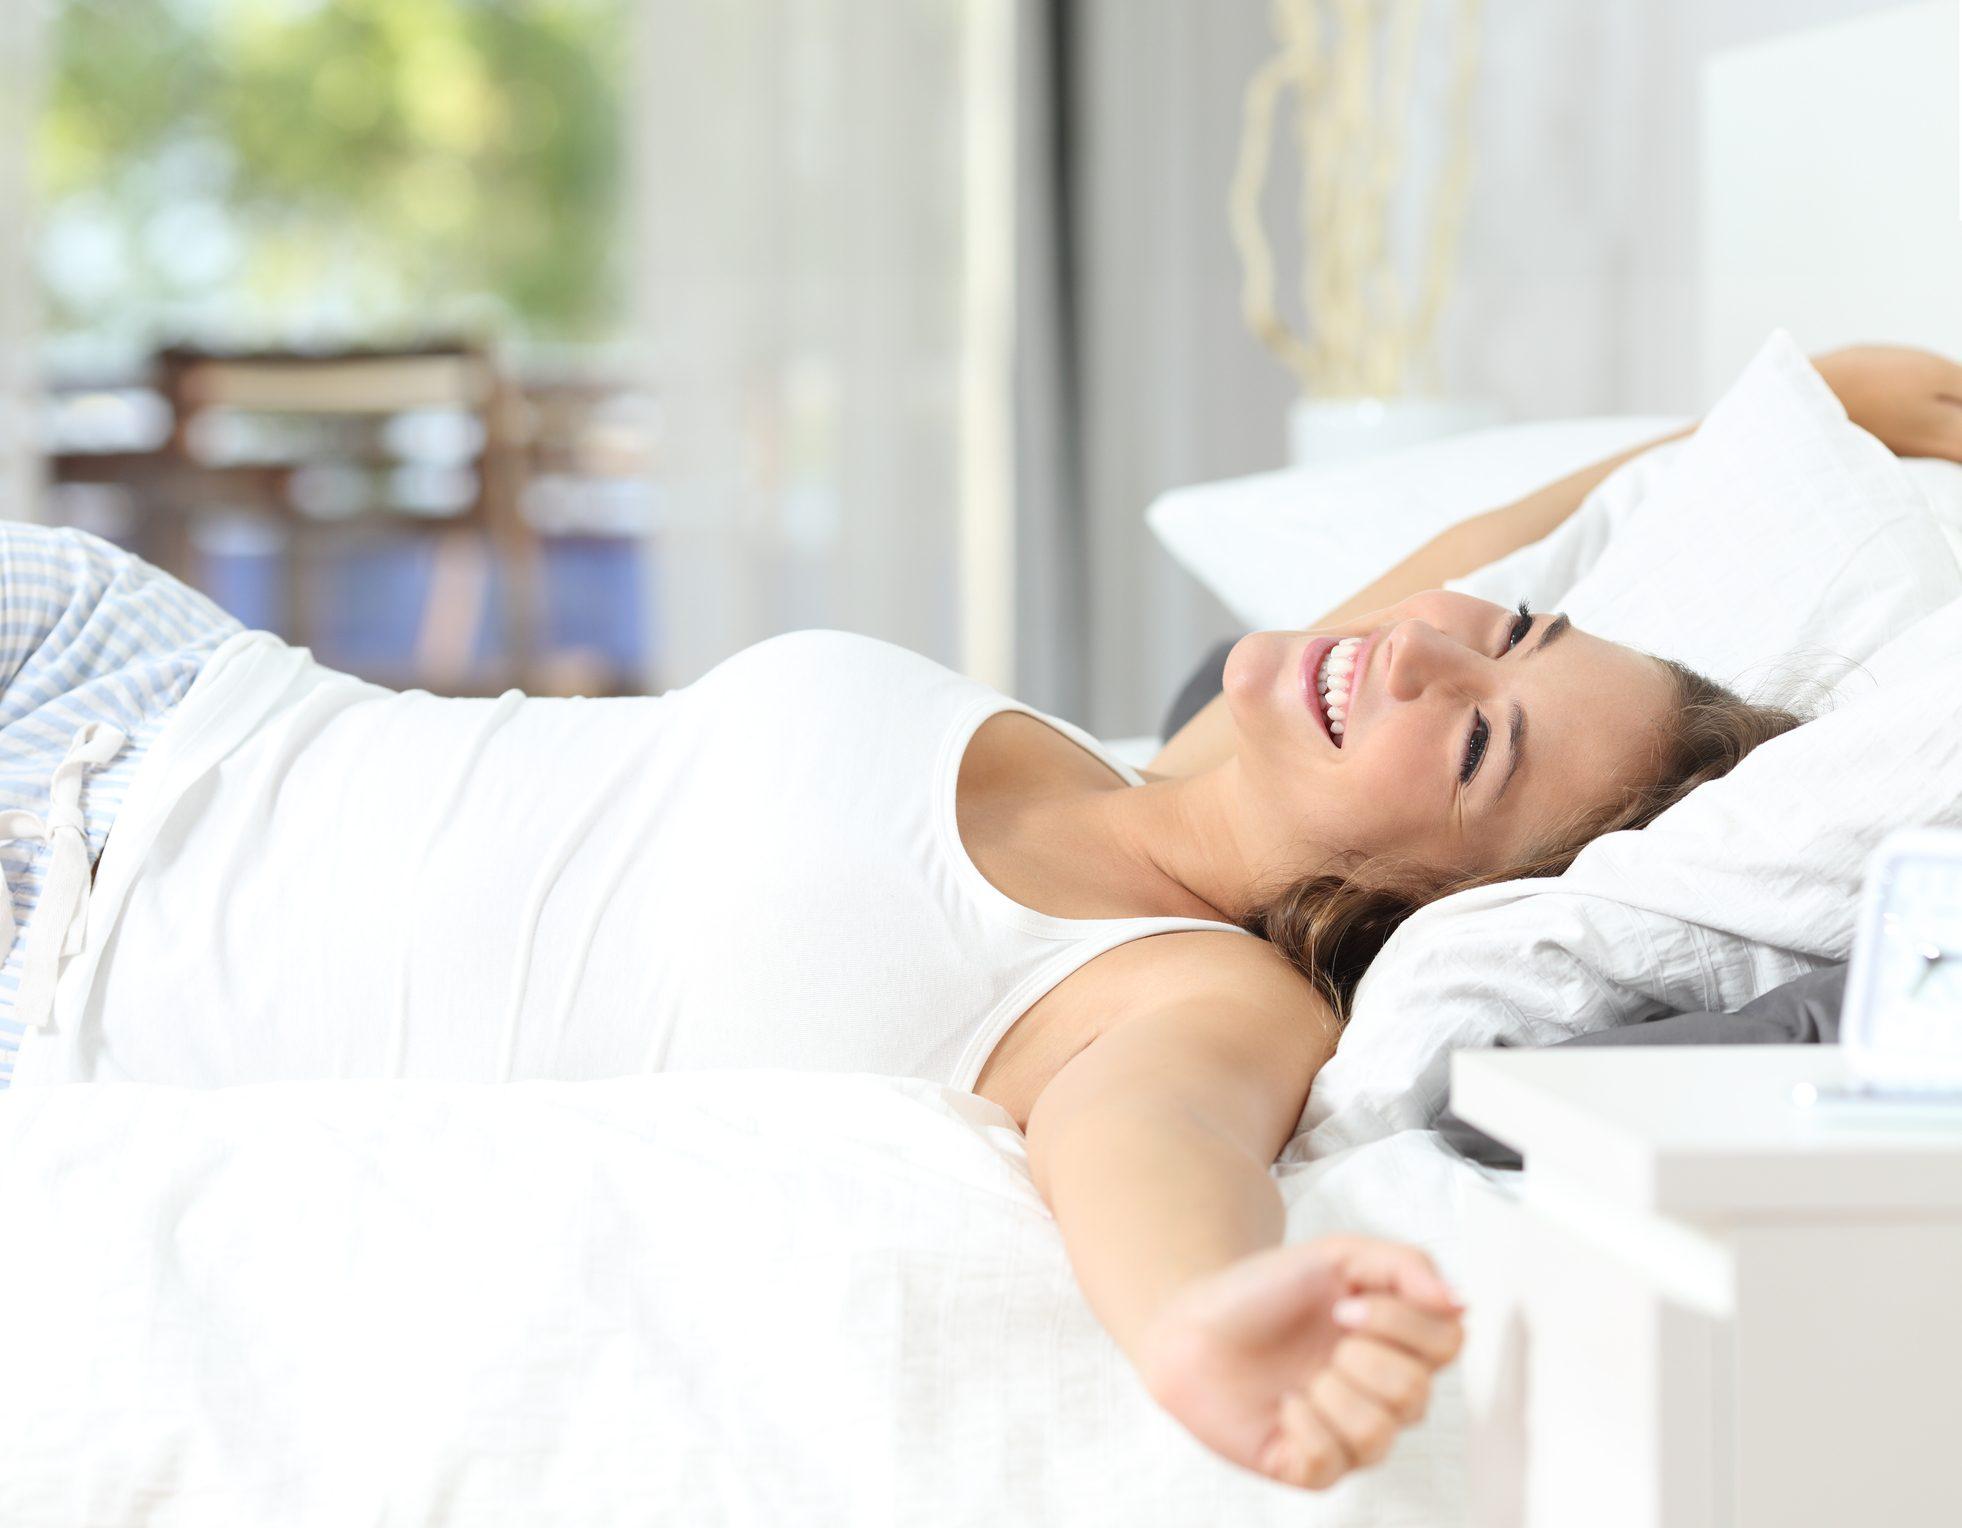 il materasso su cui ogni notte riposiamo, cosi come il cuscino, può incidere in modo determinante sulla qualità del sonno.se la mattina vi capita spesso di alzarvi stanchi e doloranti è quasi certamente colpa di una notte agitata. Come Scegliere Il Materasso Piu Adatto Tra I Vari Modelli Ohga